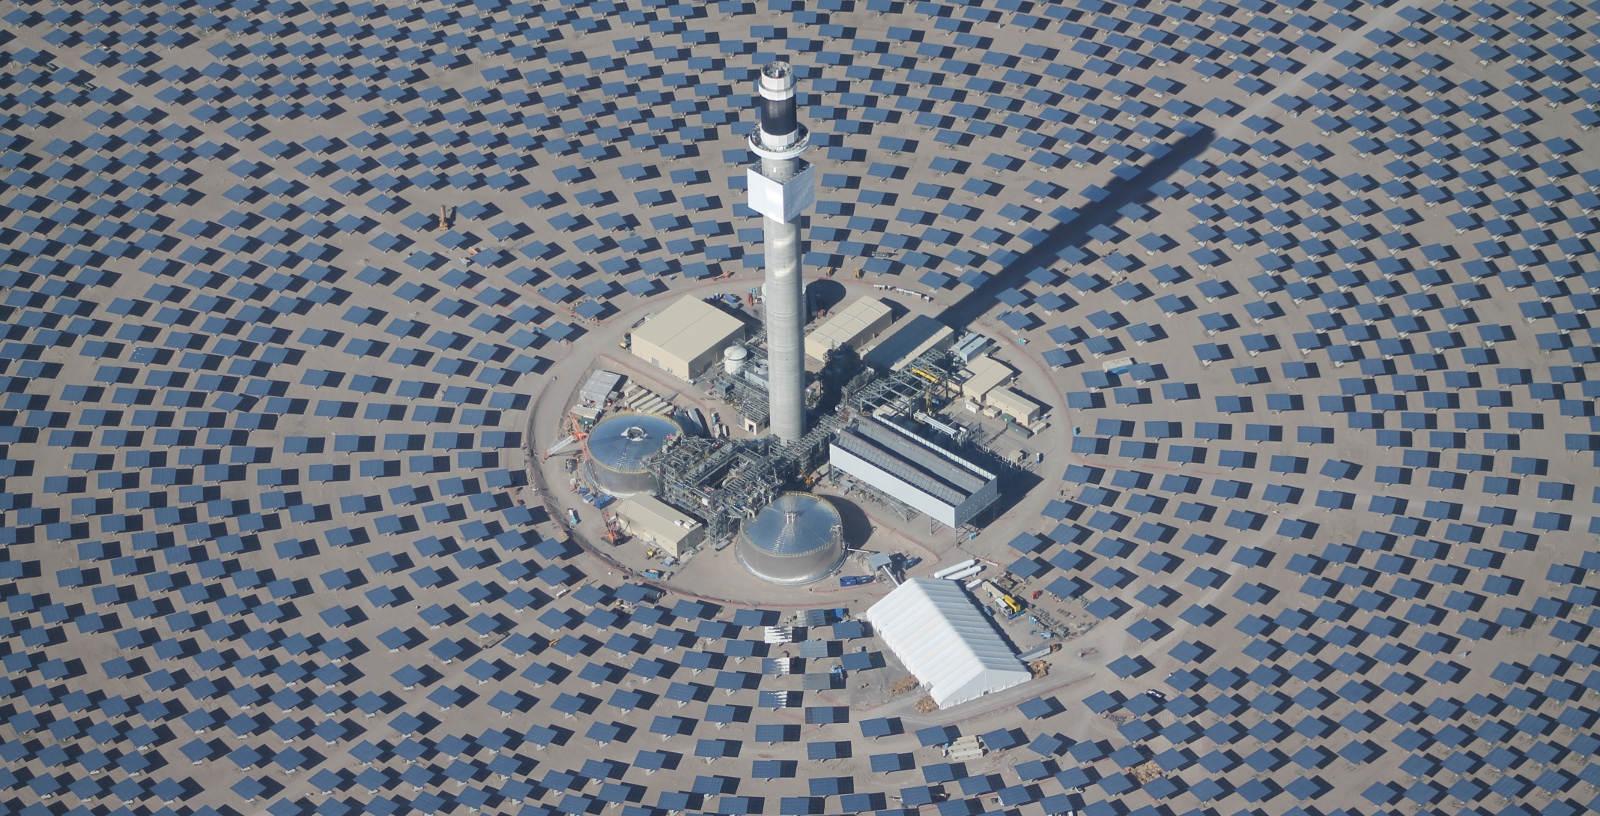 CRESCENT_DUNES_ CONCENTRATING_SOLAR_POWER_PLANT_ USA_IDOM_01_Cobra